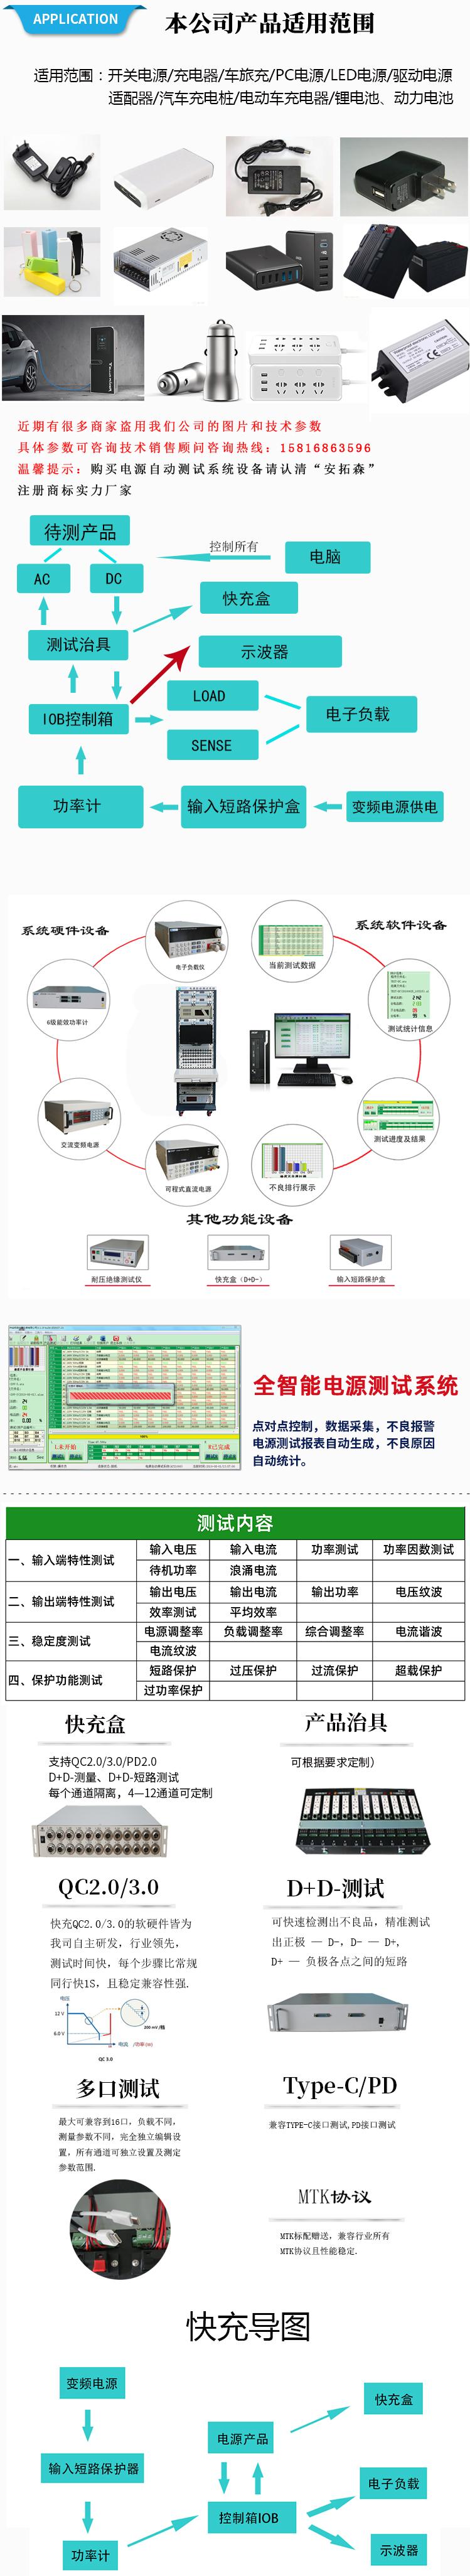 QC2.0/QC3.0测试系统